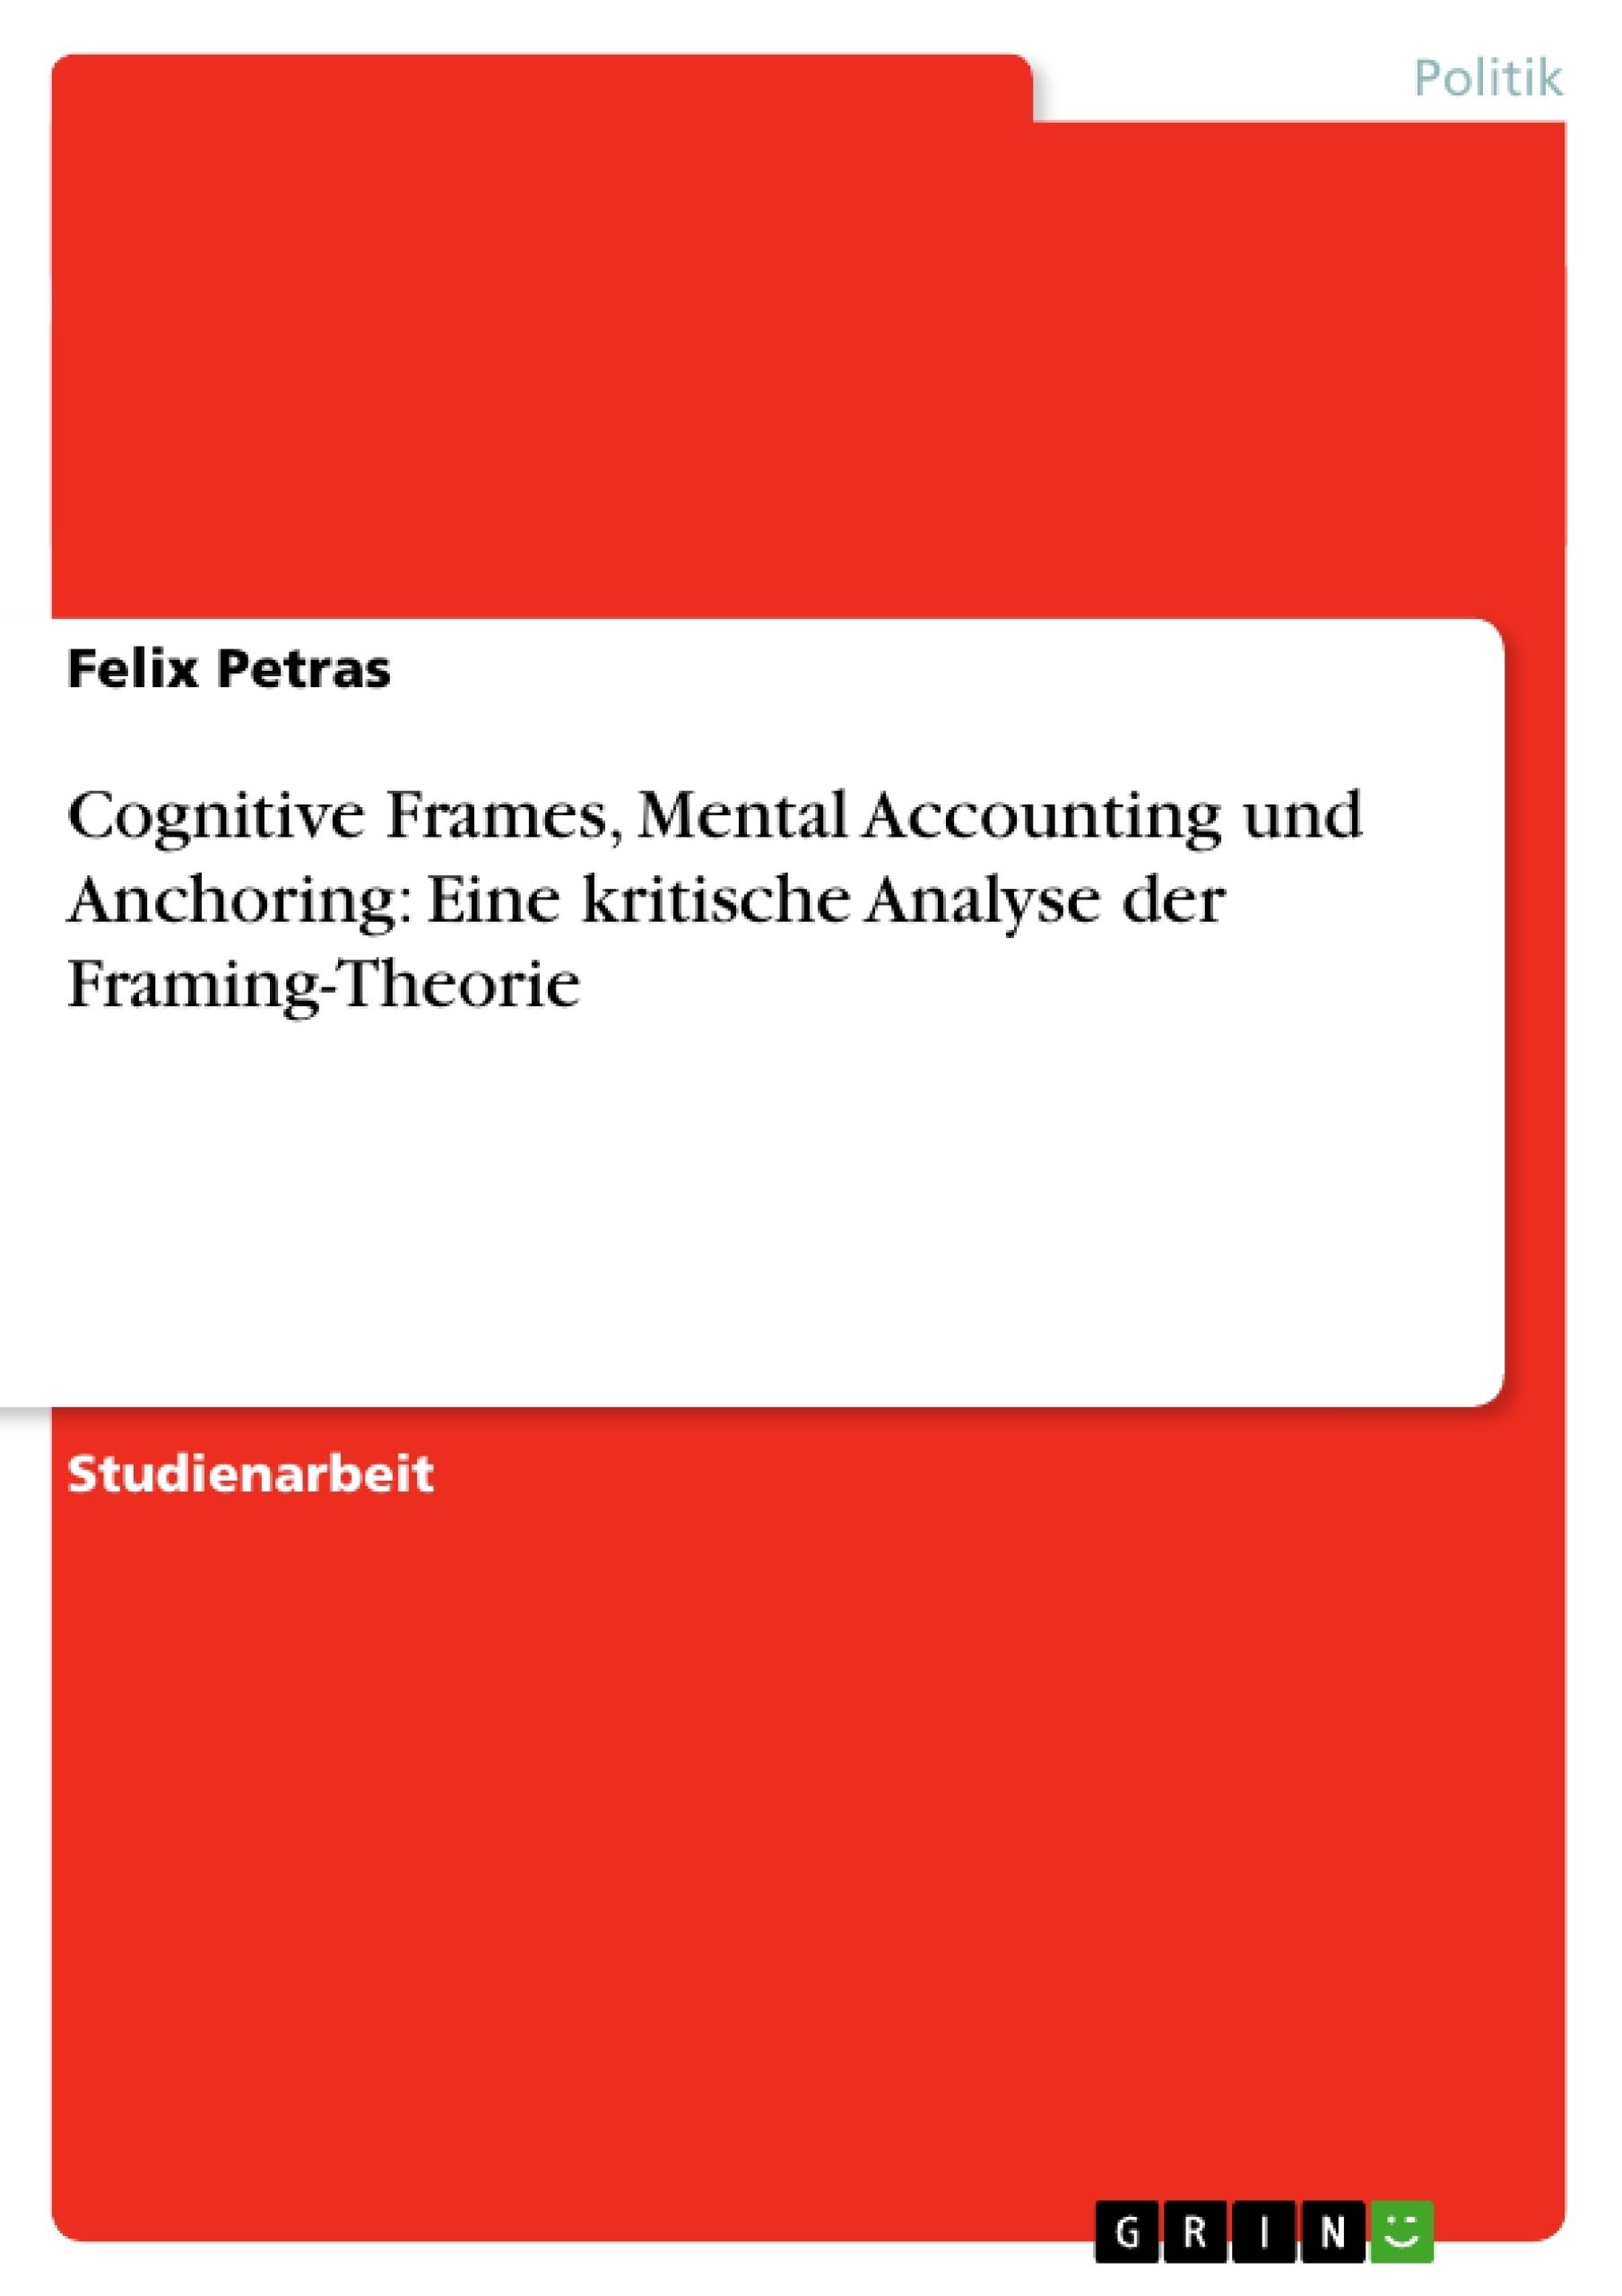 Cognitive Frames, Mental Accounting und Anchoring: Eine kritische ...